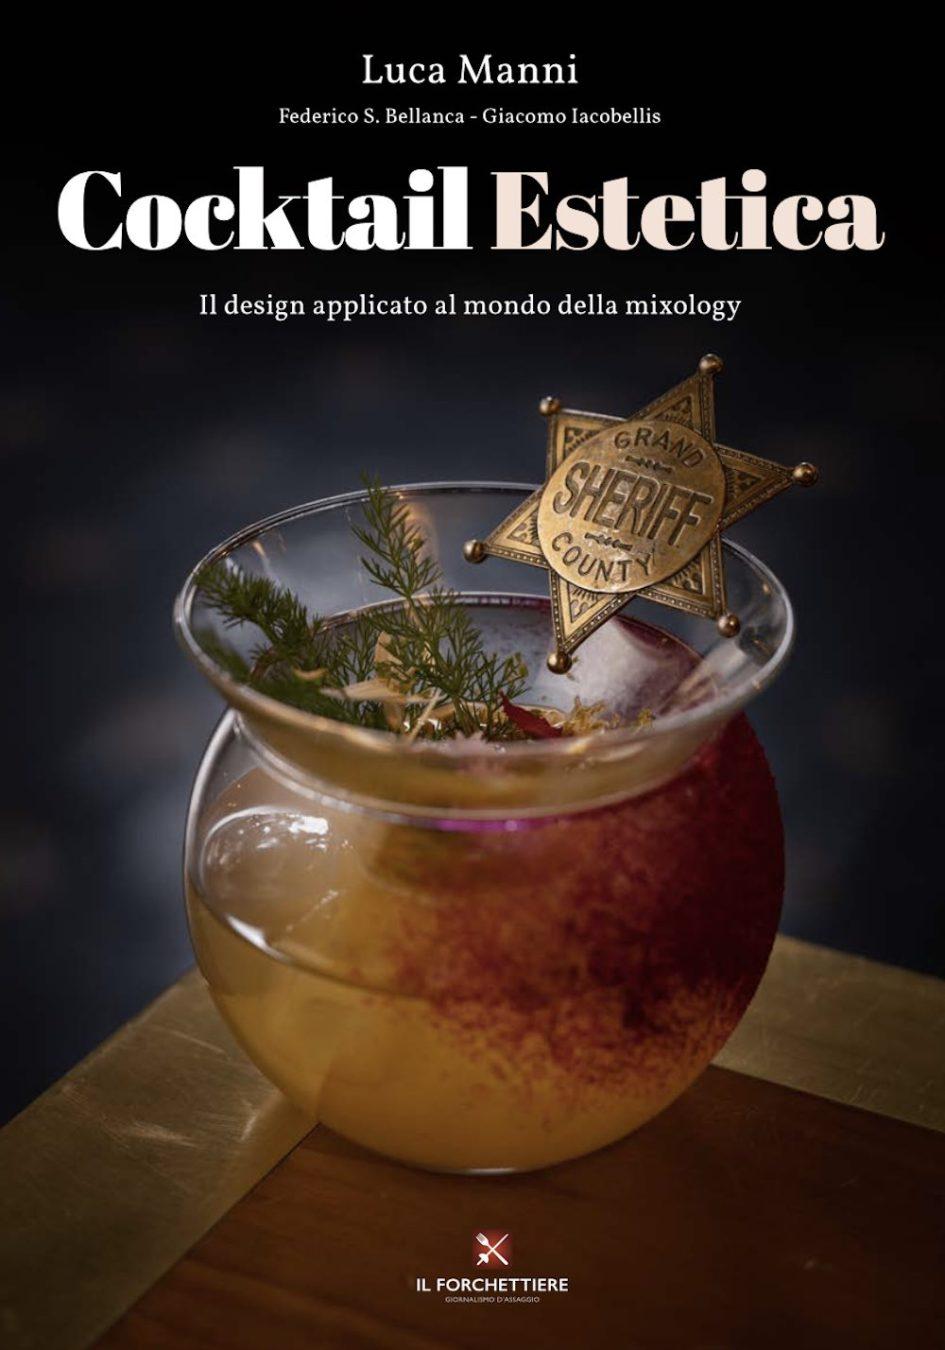 Cocktail Estetica il nuovo libro di Luca Manni edito da Il Forchettiere